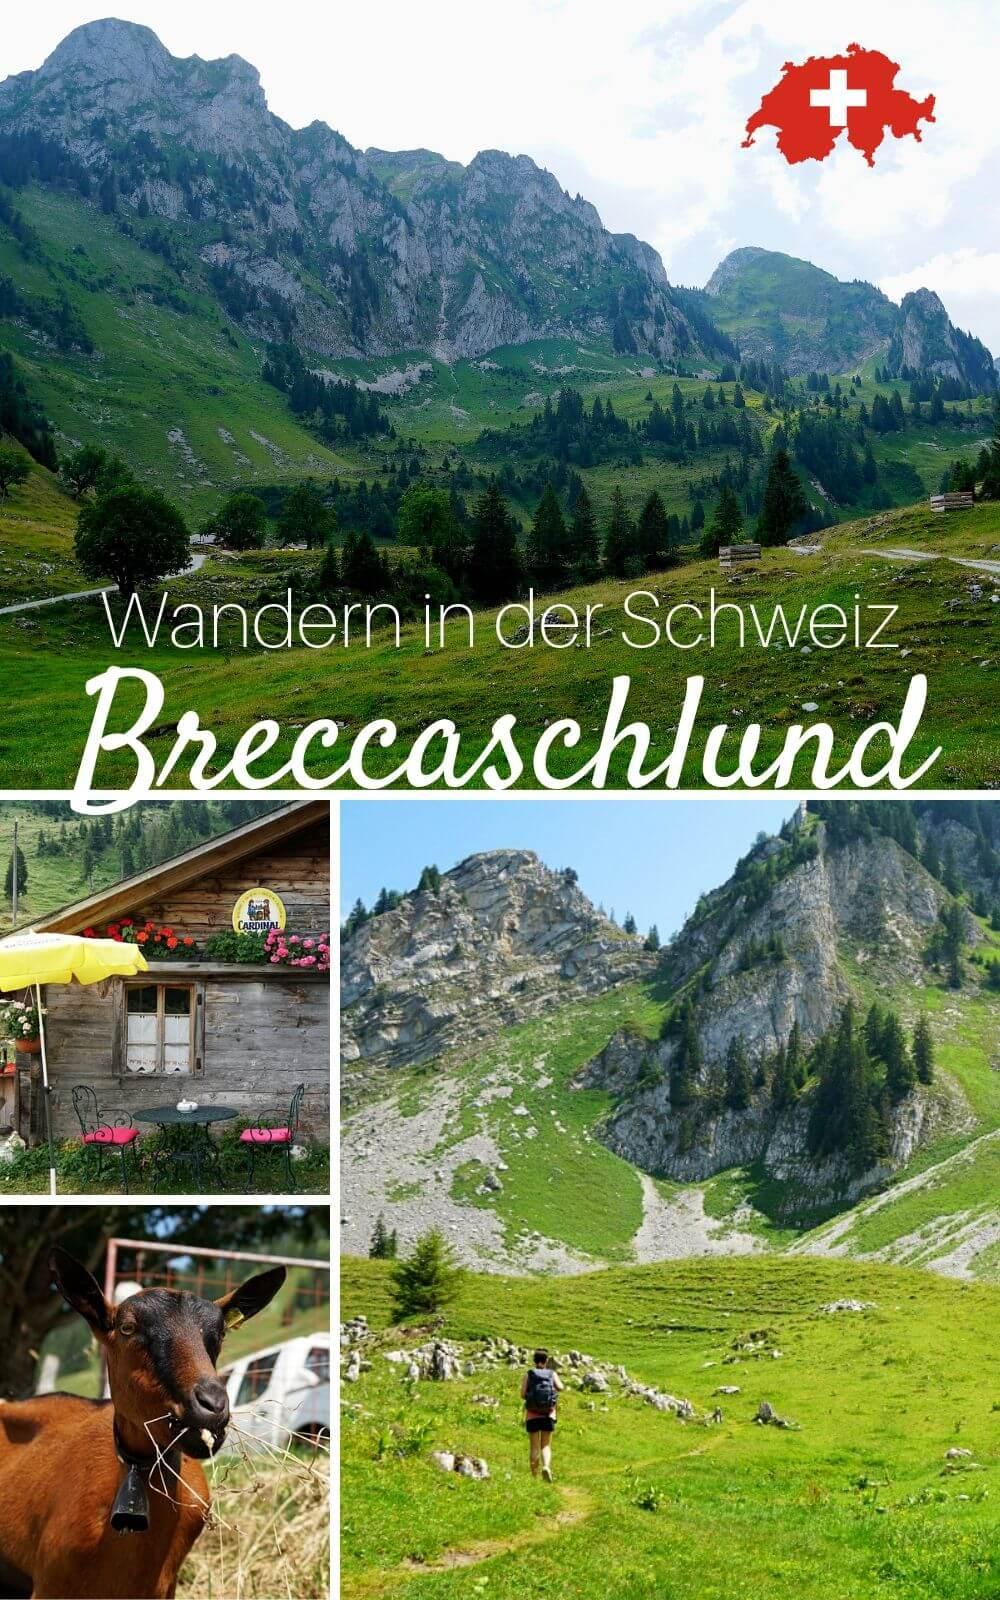 Unsere Wanderung durch die Urlandschaft Breccaschlund hoch ueber dem Schwarzsee in den Schweizer Voralpen